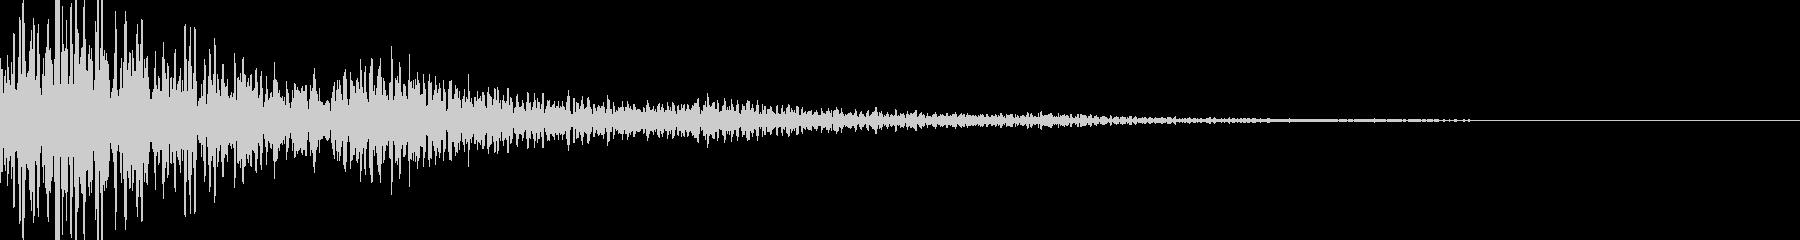 ボーン(キャンセル 決定 ワープ)の未再生の波形